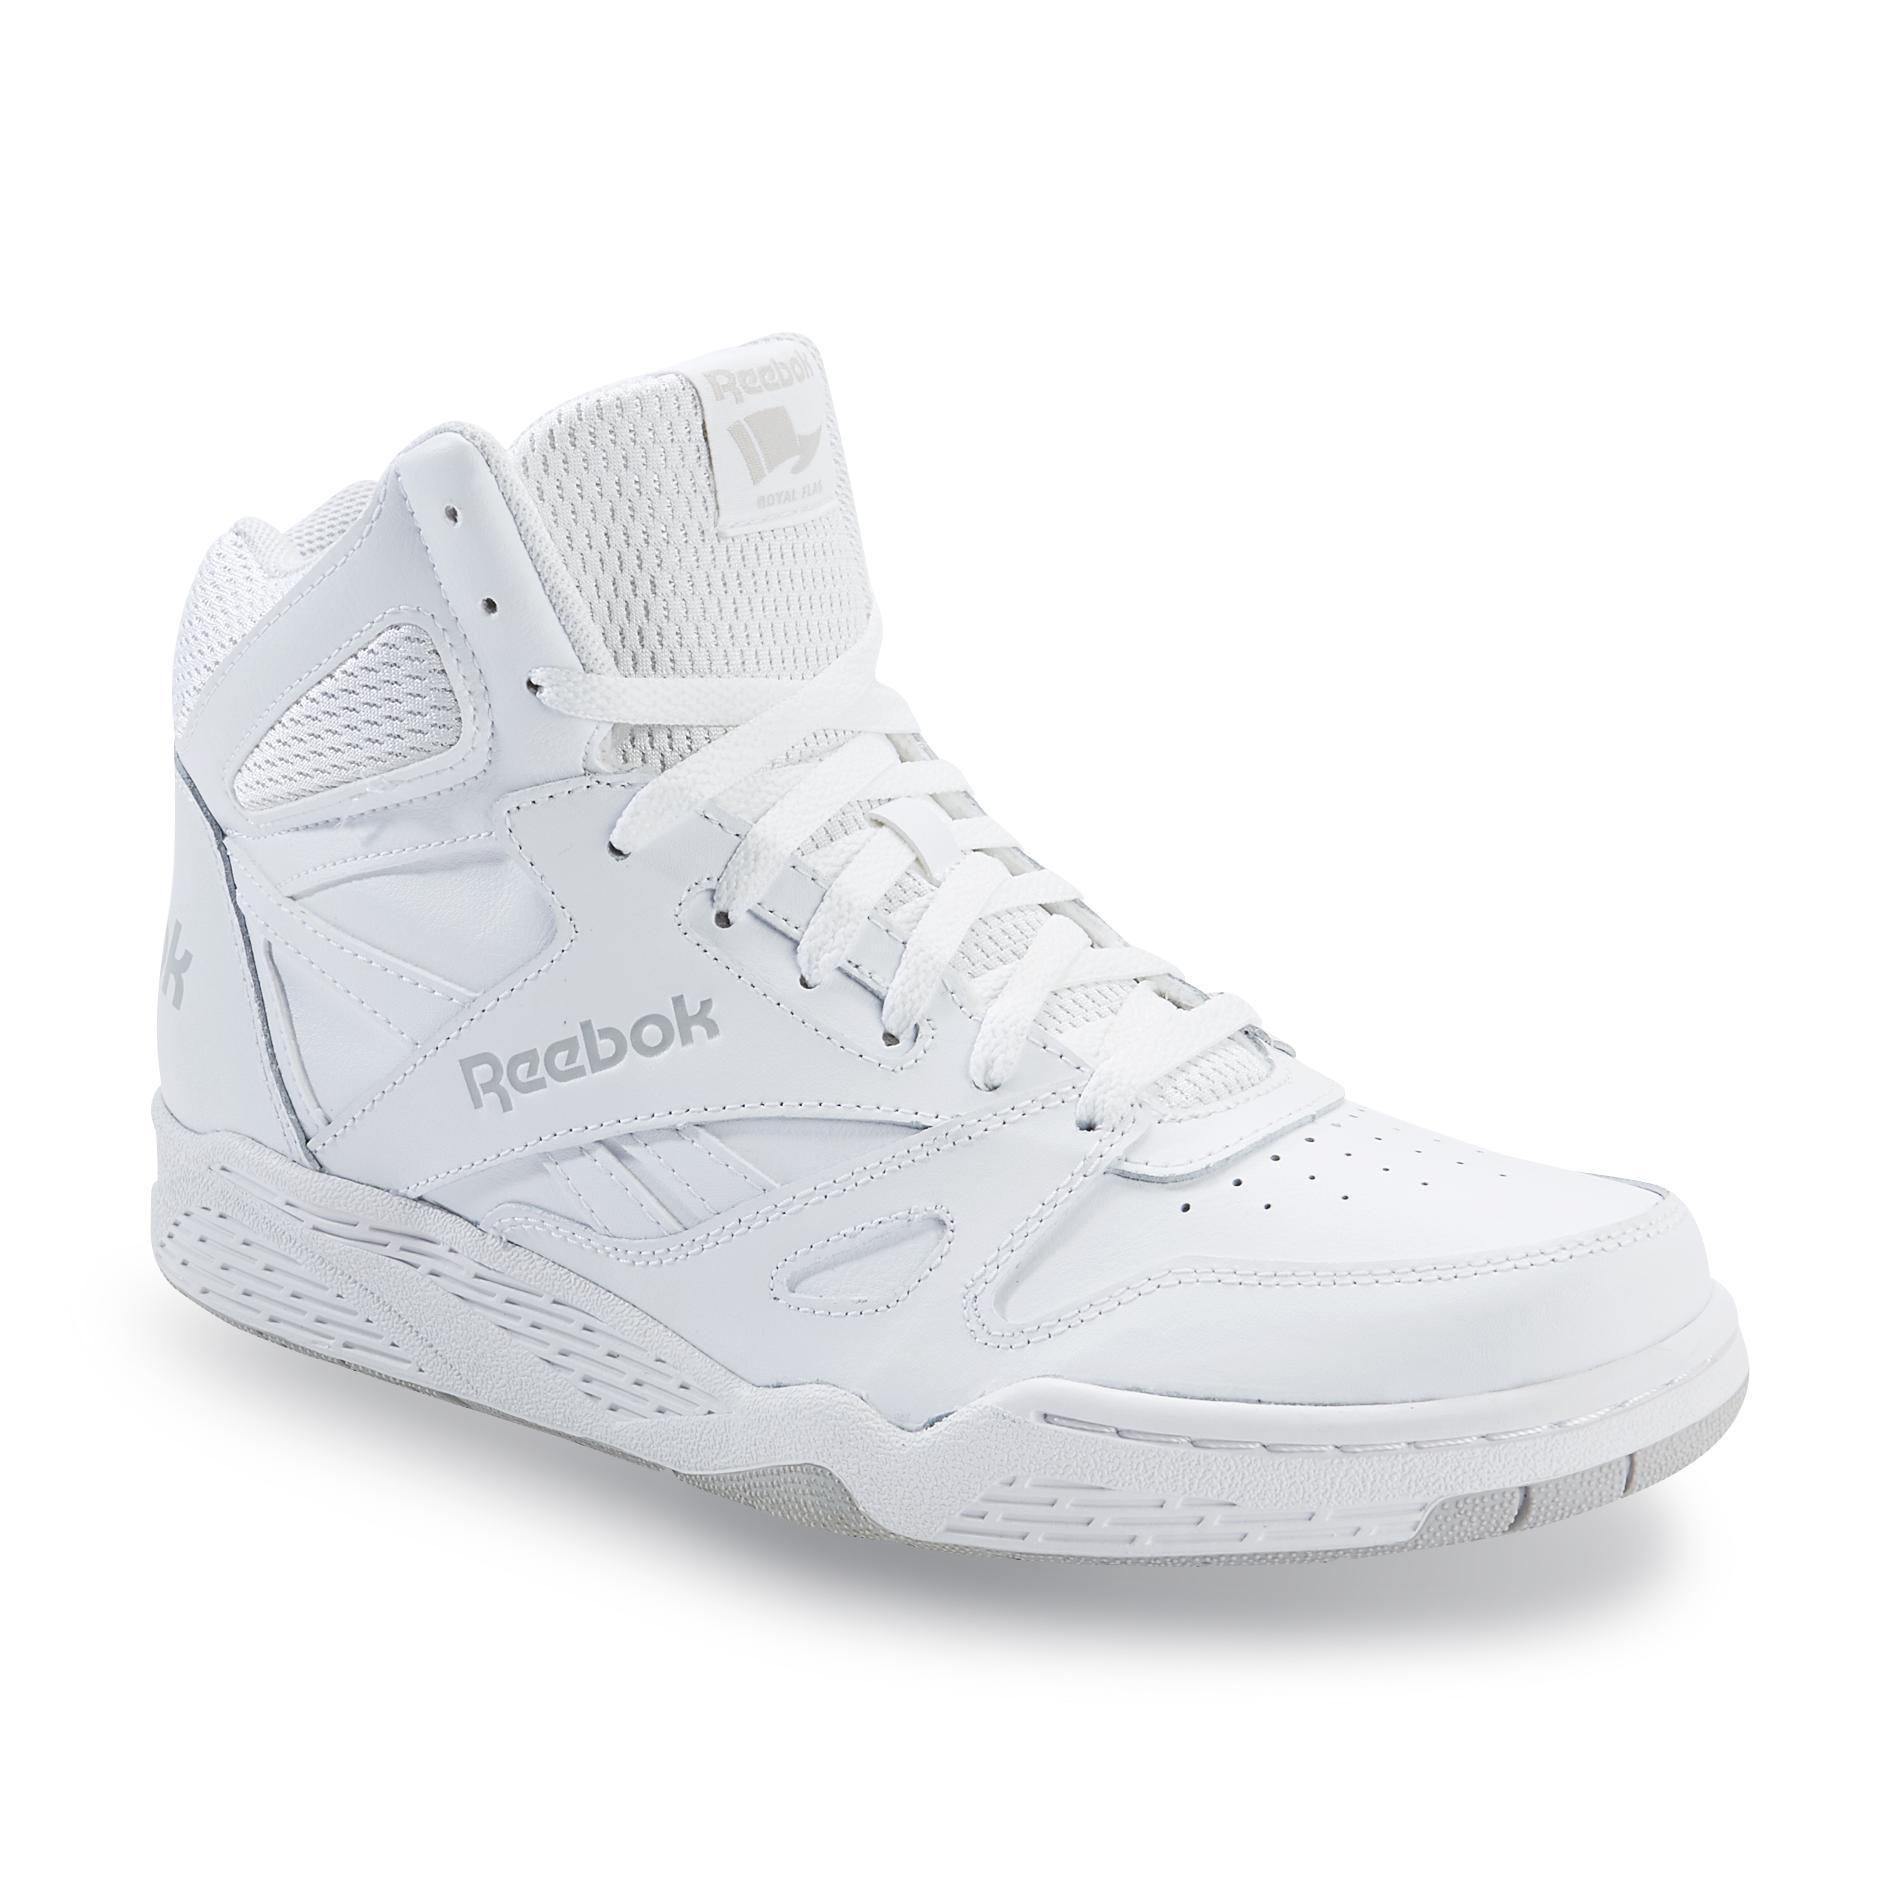 reebok high tops reebok menu0027s royal bb4500 high-top leather basketball shoe - white | shop PIOMSLI